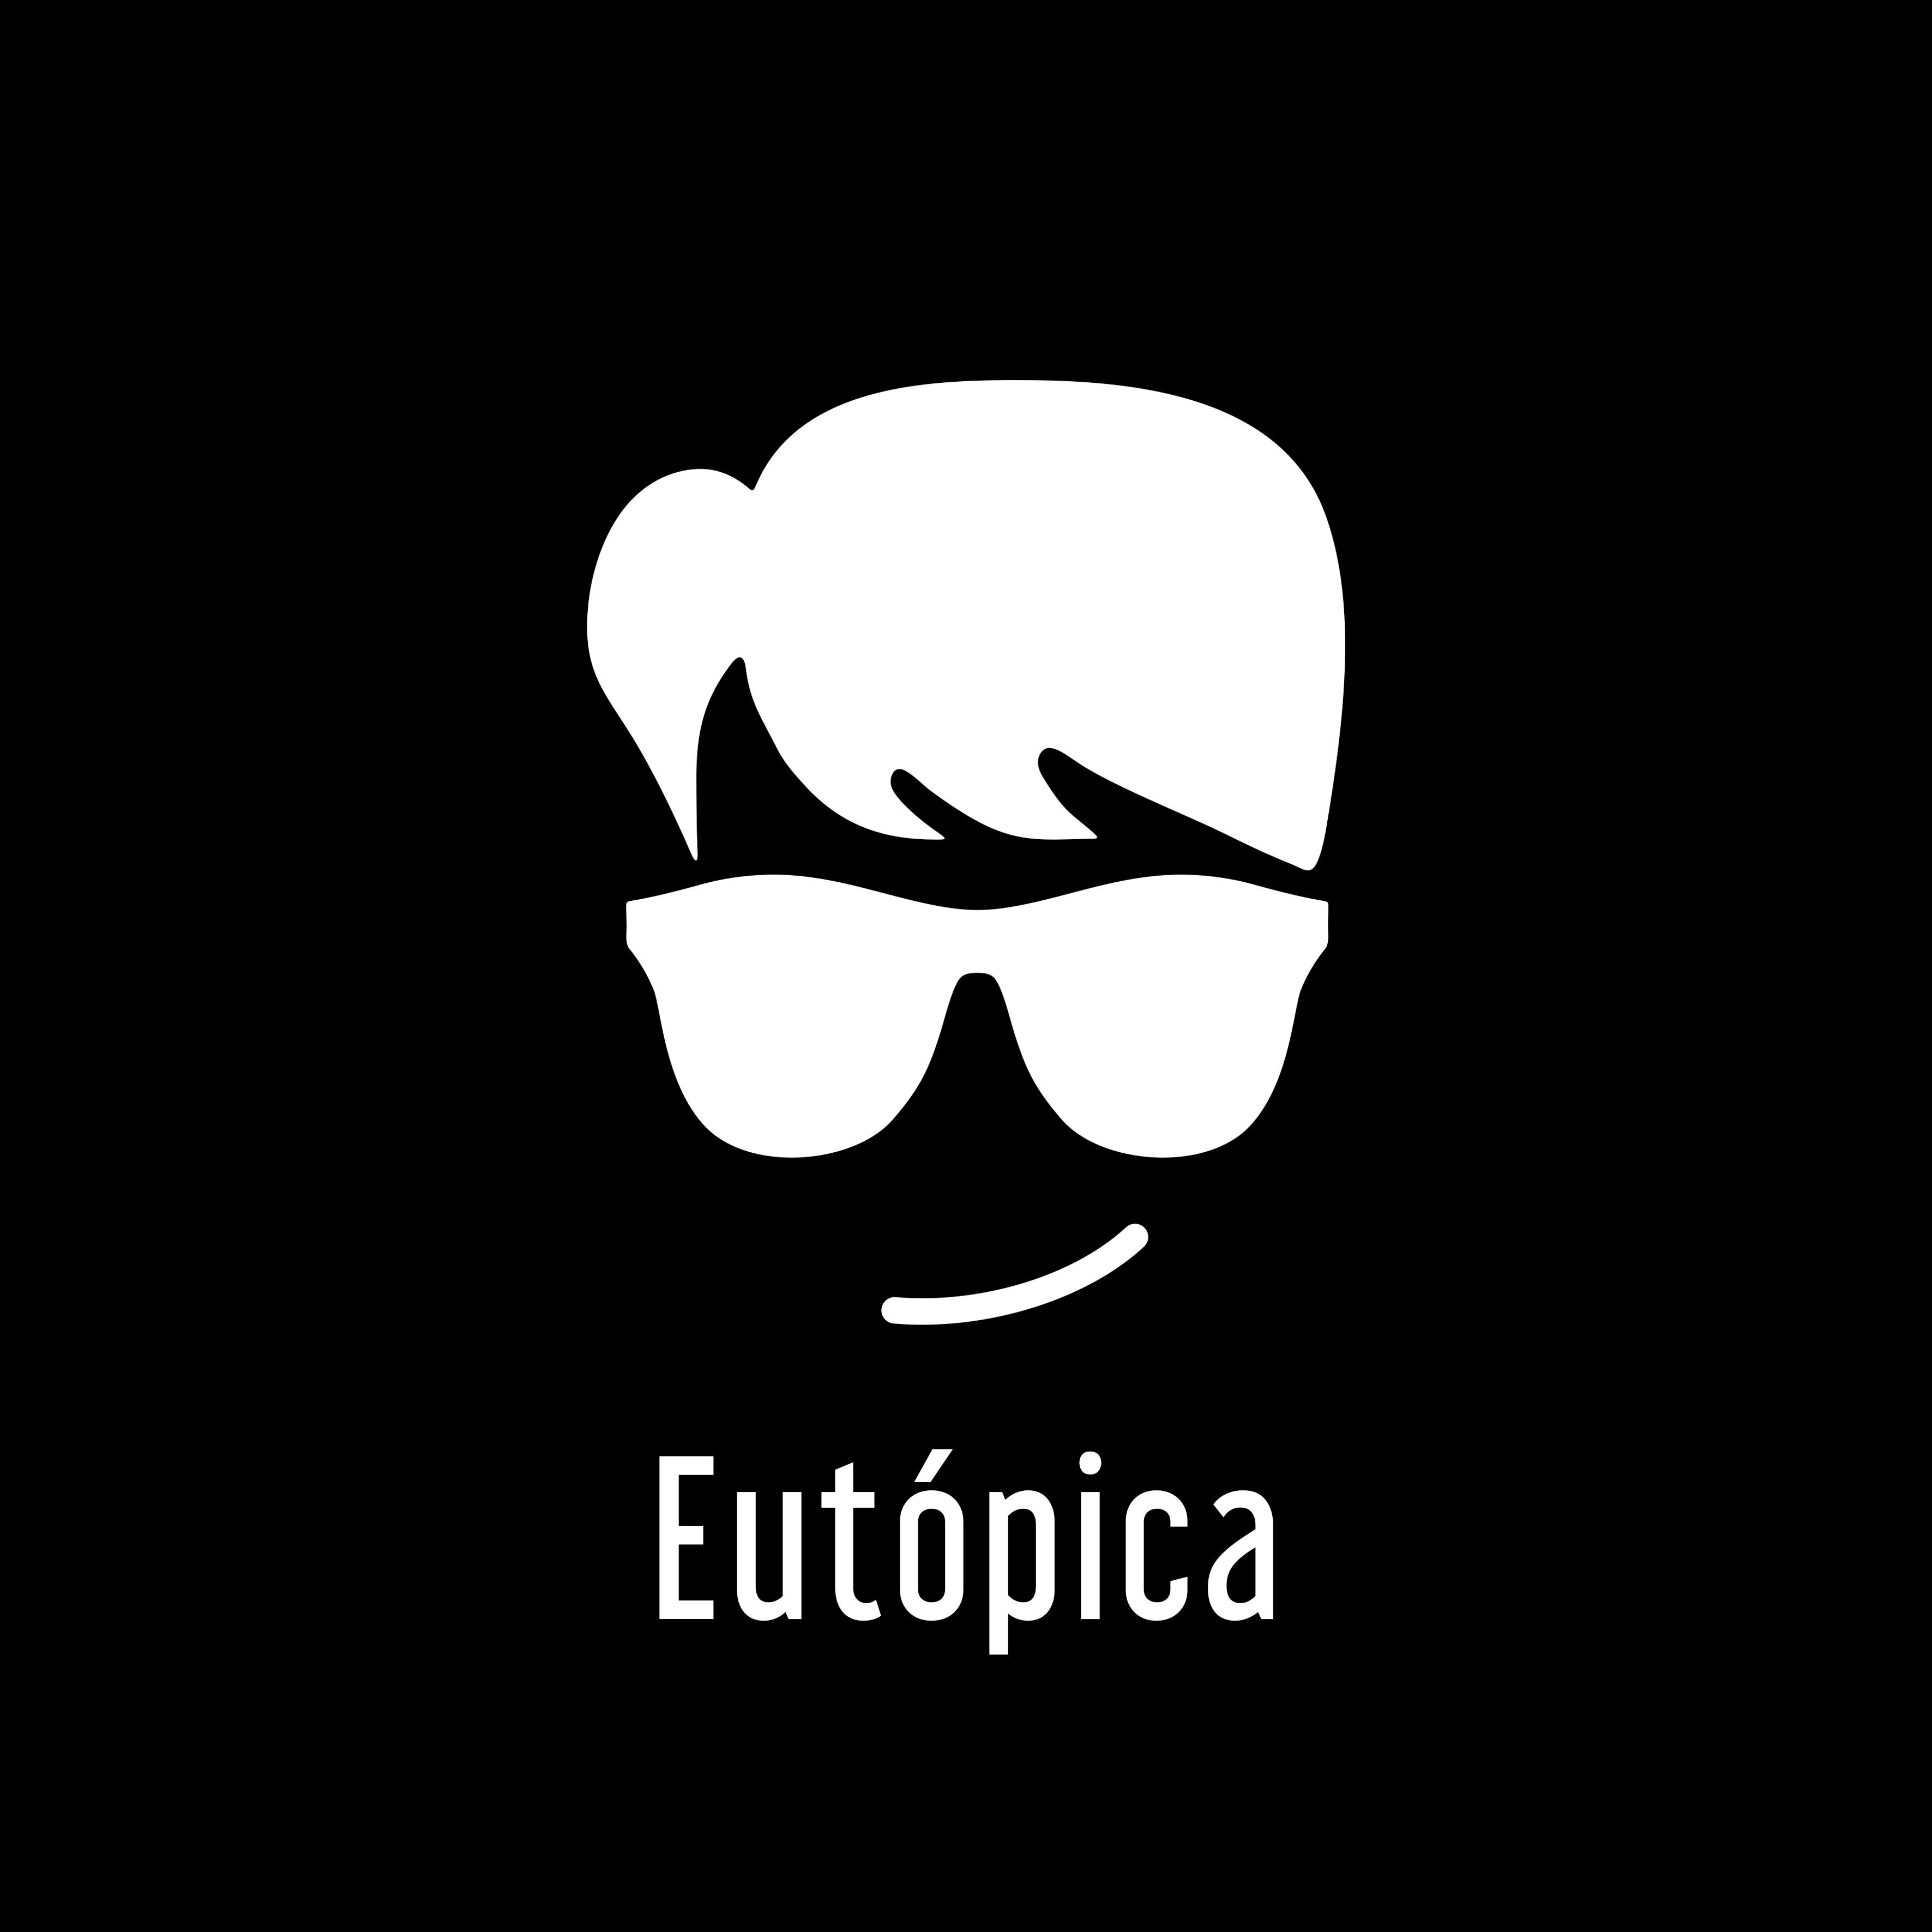 Eutópica - Sacos de confeti